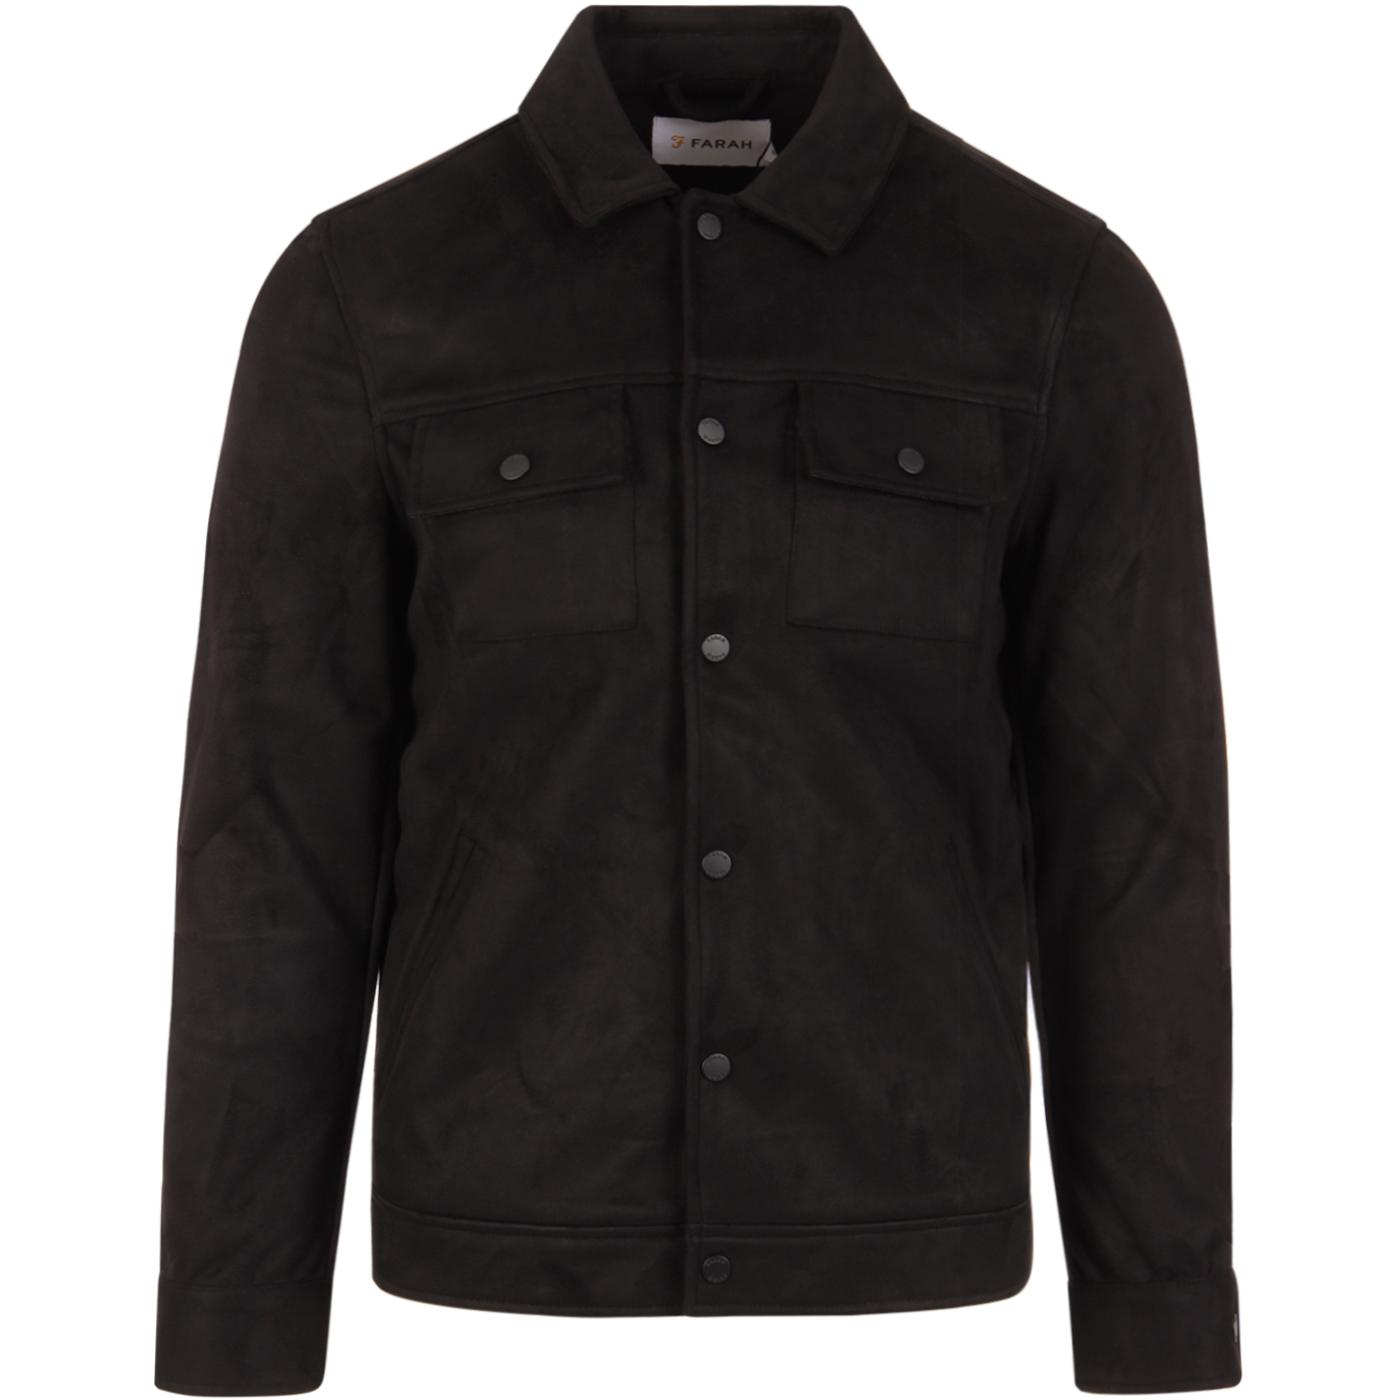 Cleethorpes FARAH VINTAGE Faux Suede Jacket BLACK